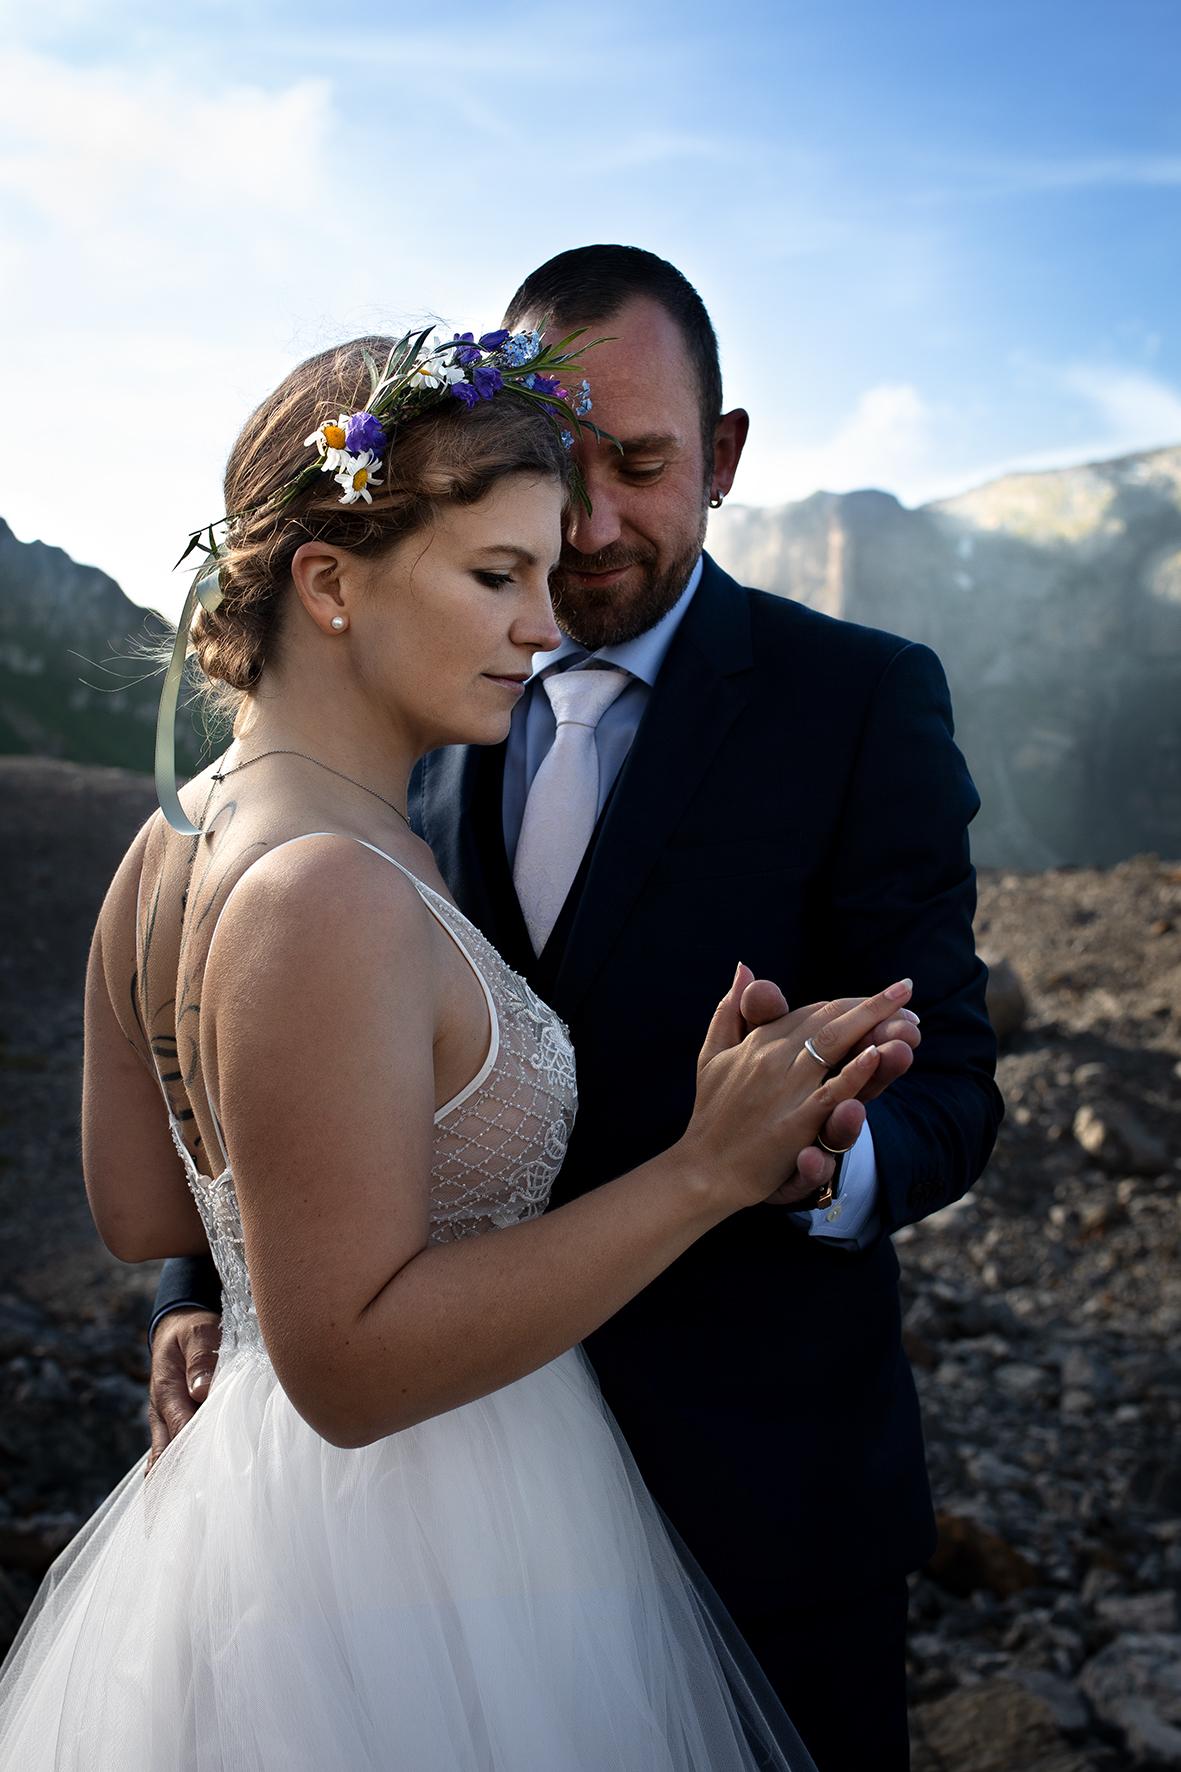 After_Wedding_Shooting_Schweiz_Alpen_16